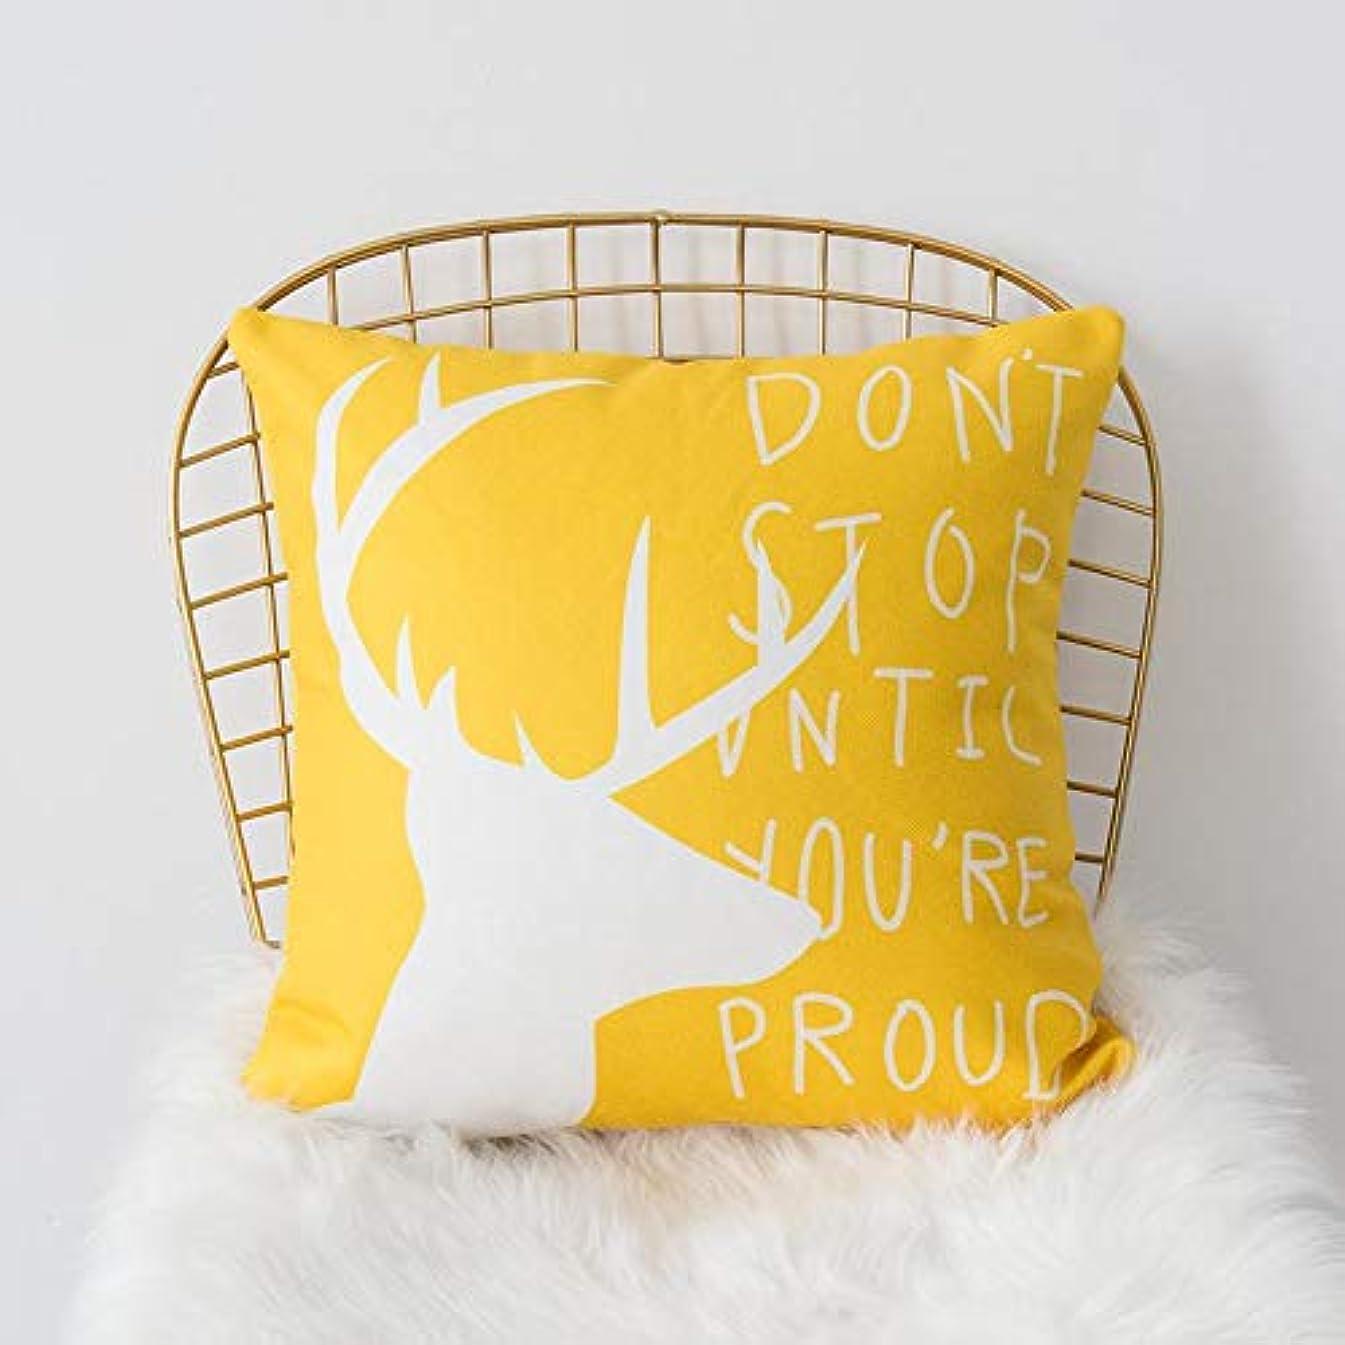 超える例示する機械的LIFE 黄色グレー枕北欧スタイル黄色ヘラジカ幾何枕リビングルームのインテリアソファクッション Cojines 装飾良質 クッション 椅子